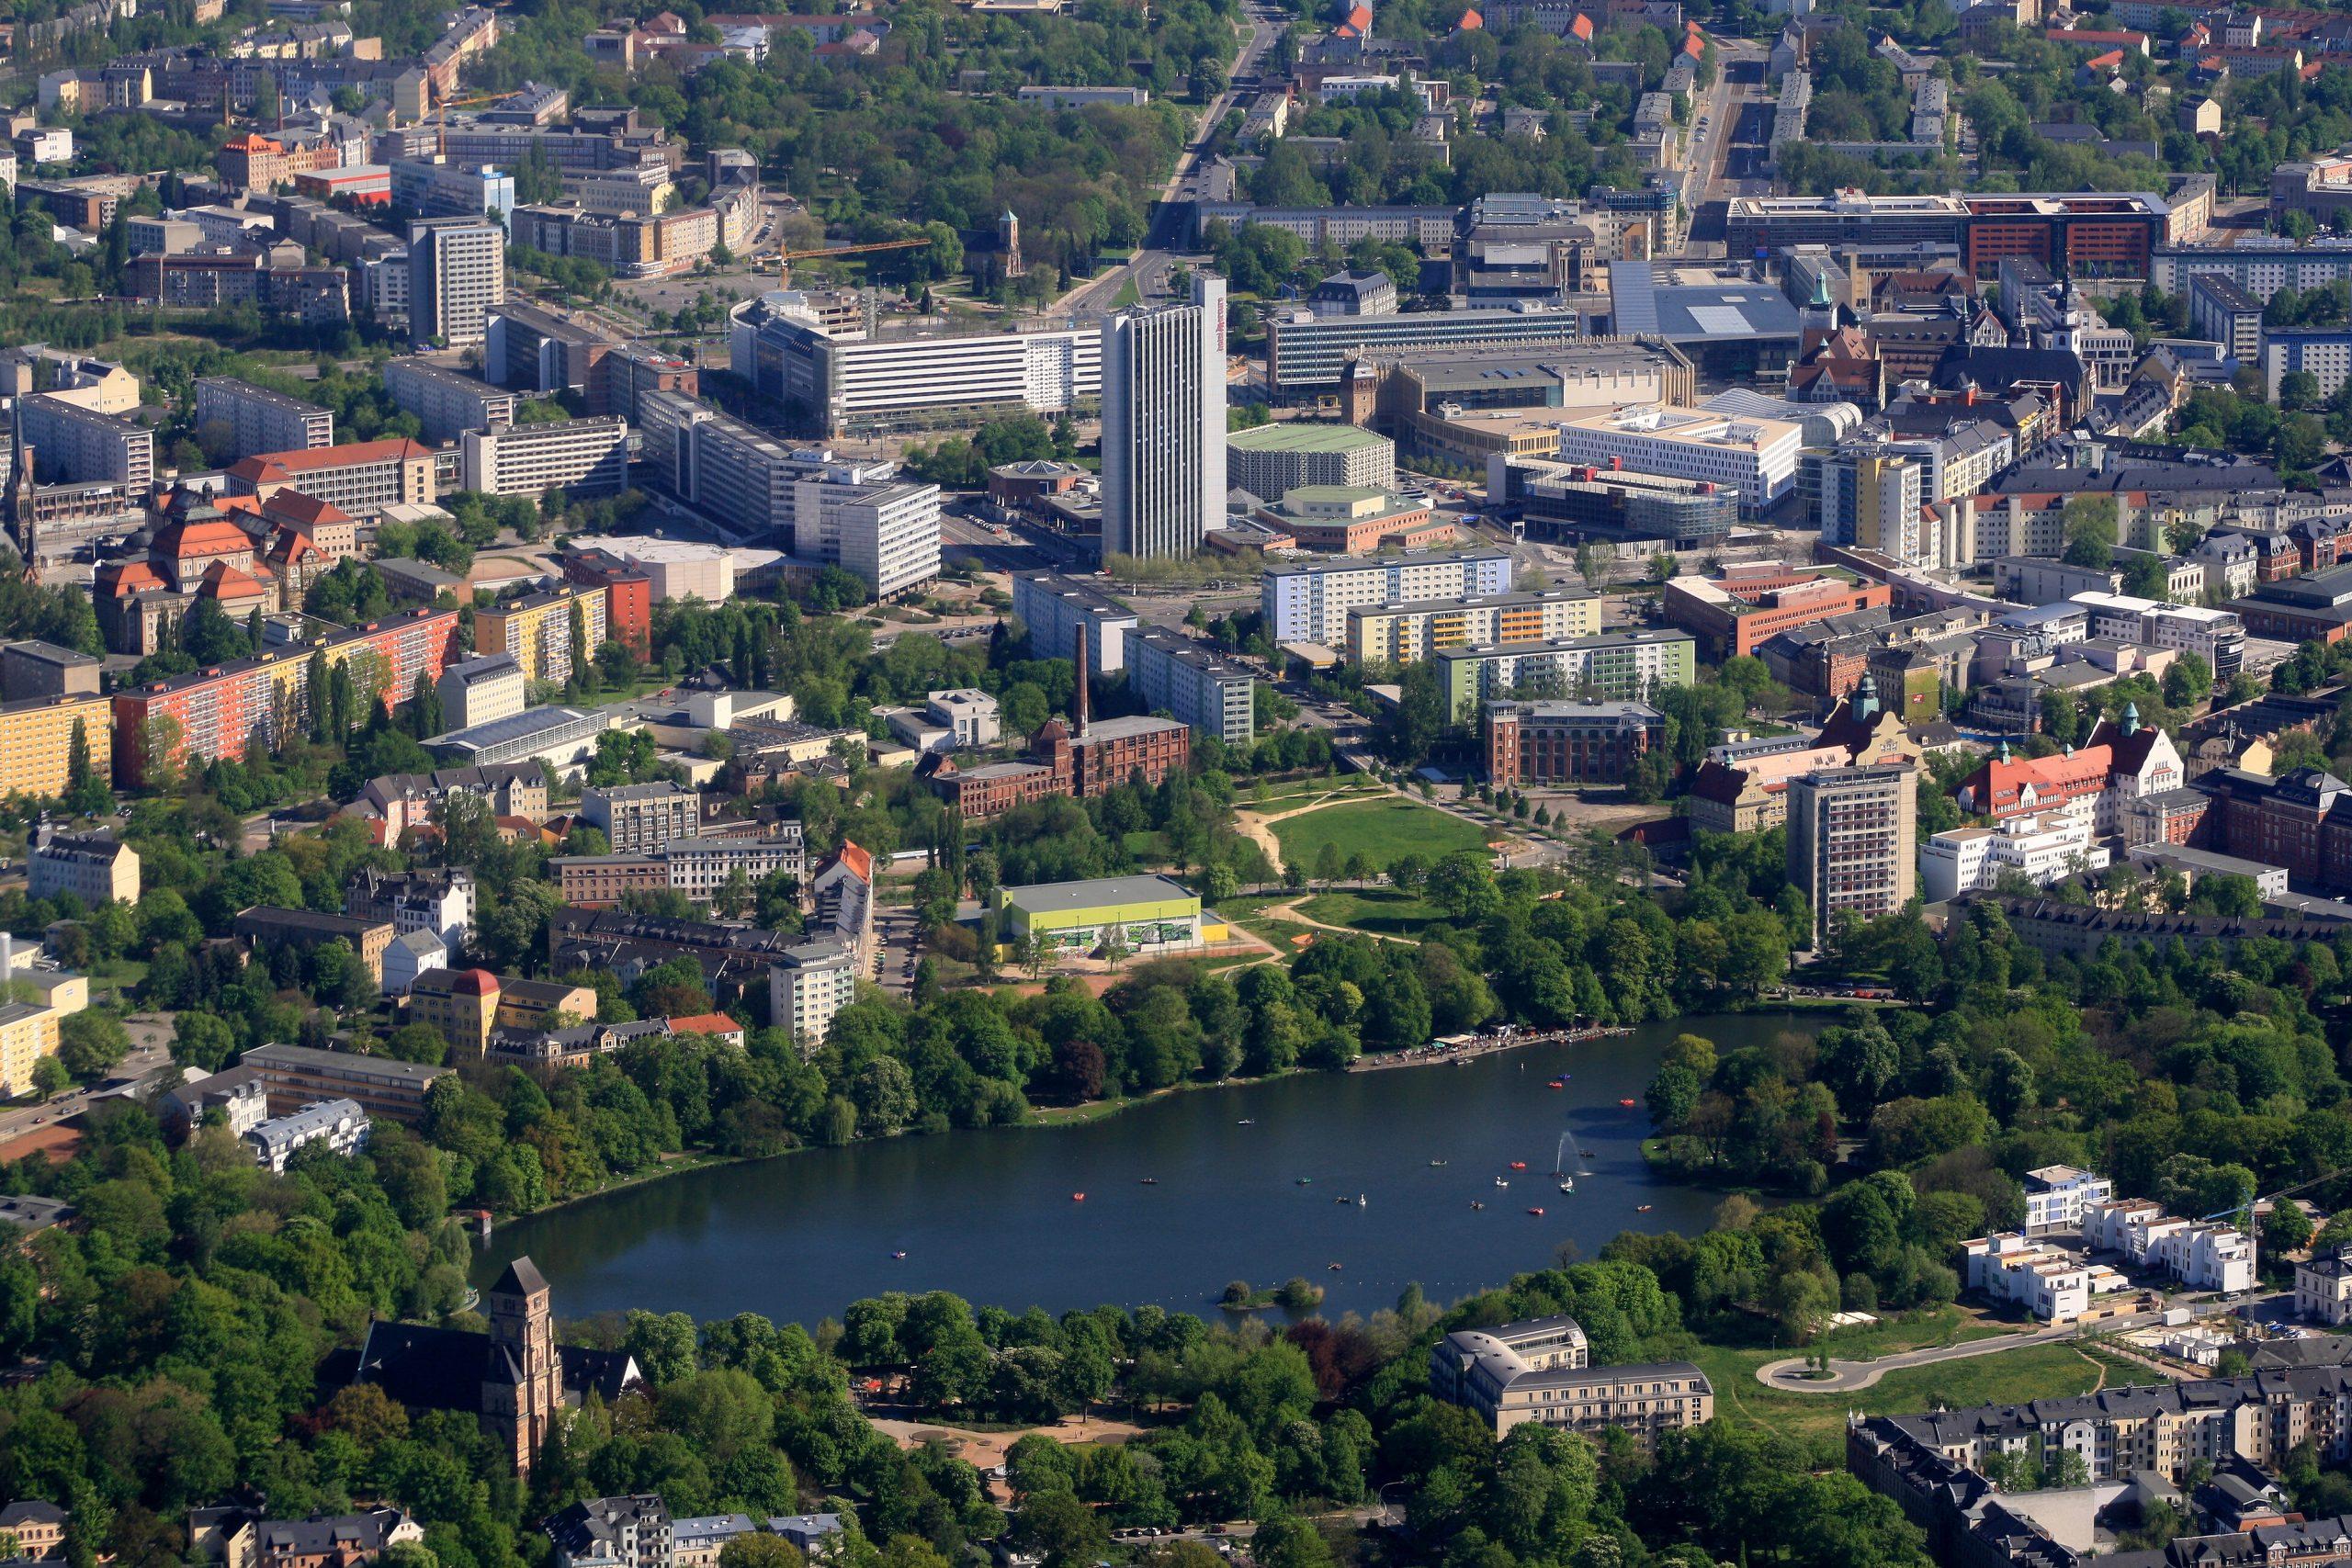 Chemnitz – điểm đến thu hút đối với du học sinh Việt